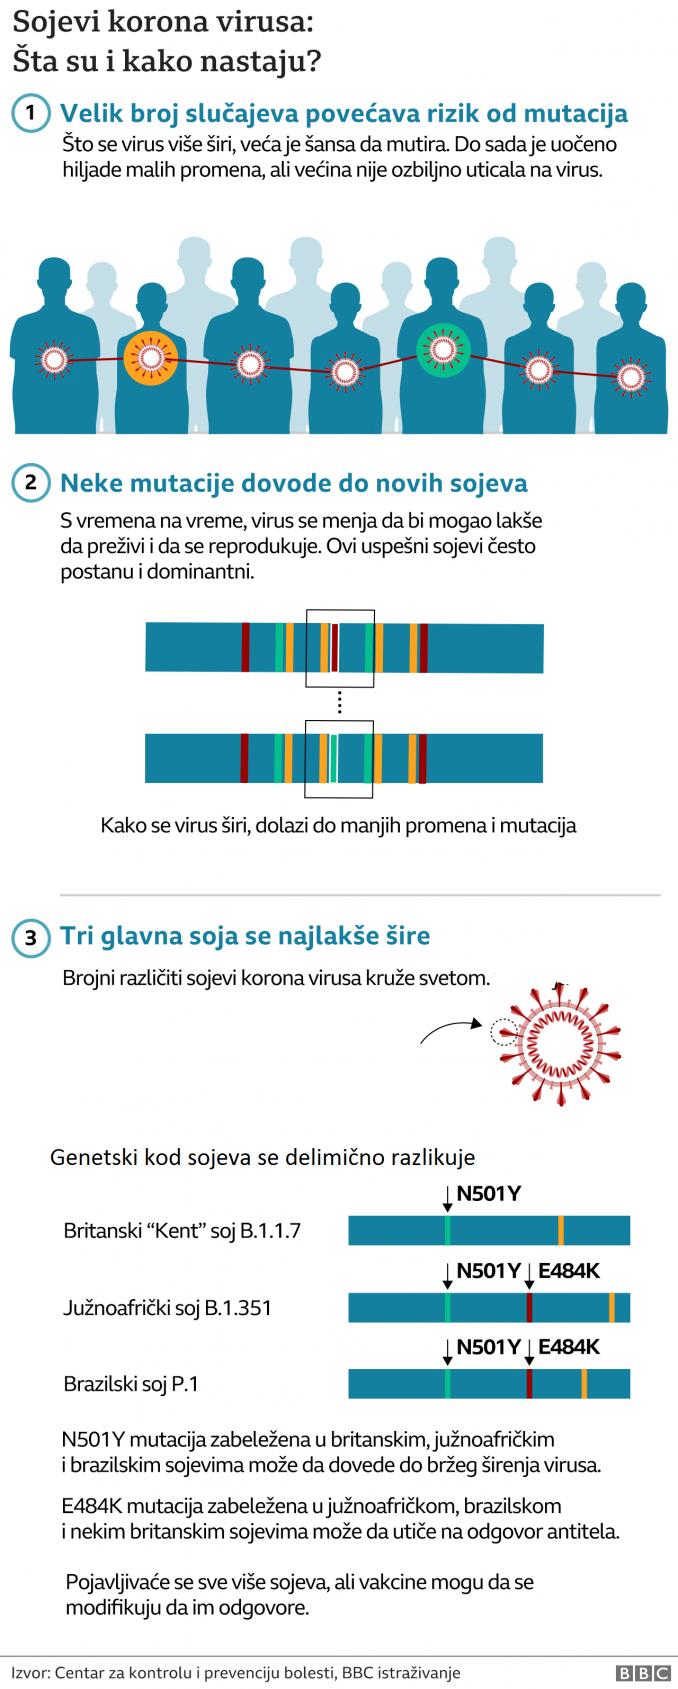 Korona virus: Još 16 umrlo u Srbiji, novi skok broja zaraženih, brazilski soj virusa u Britaniji razlog za novu brigu 3